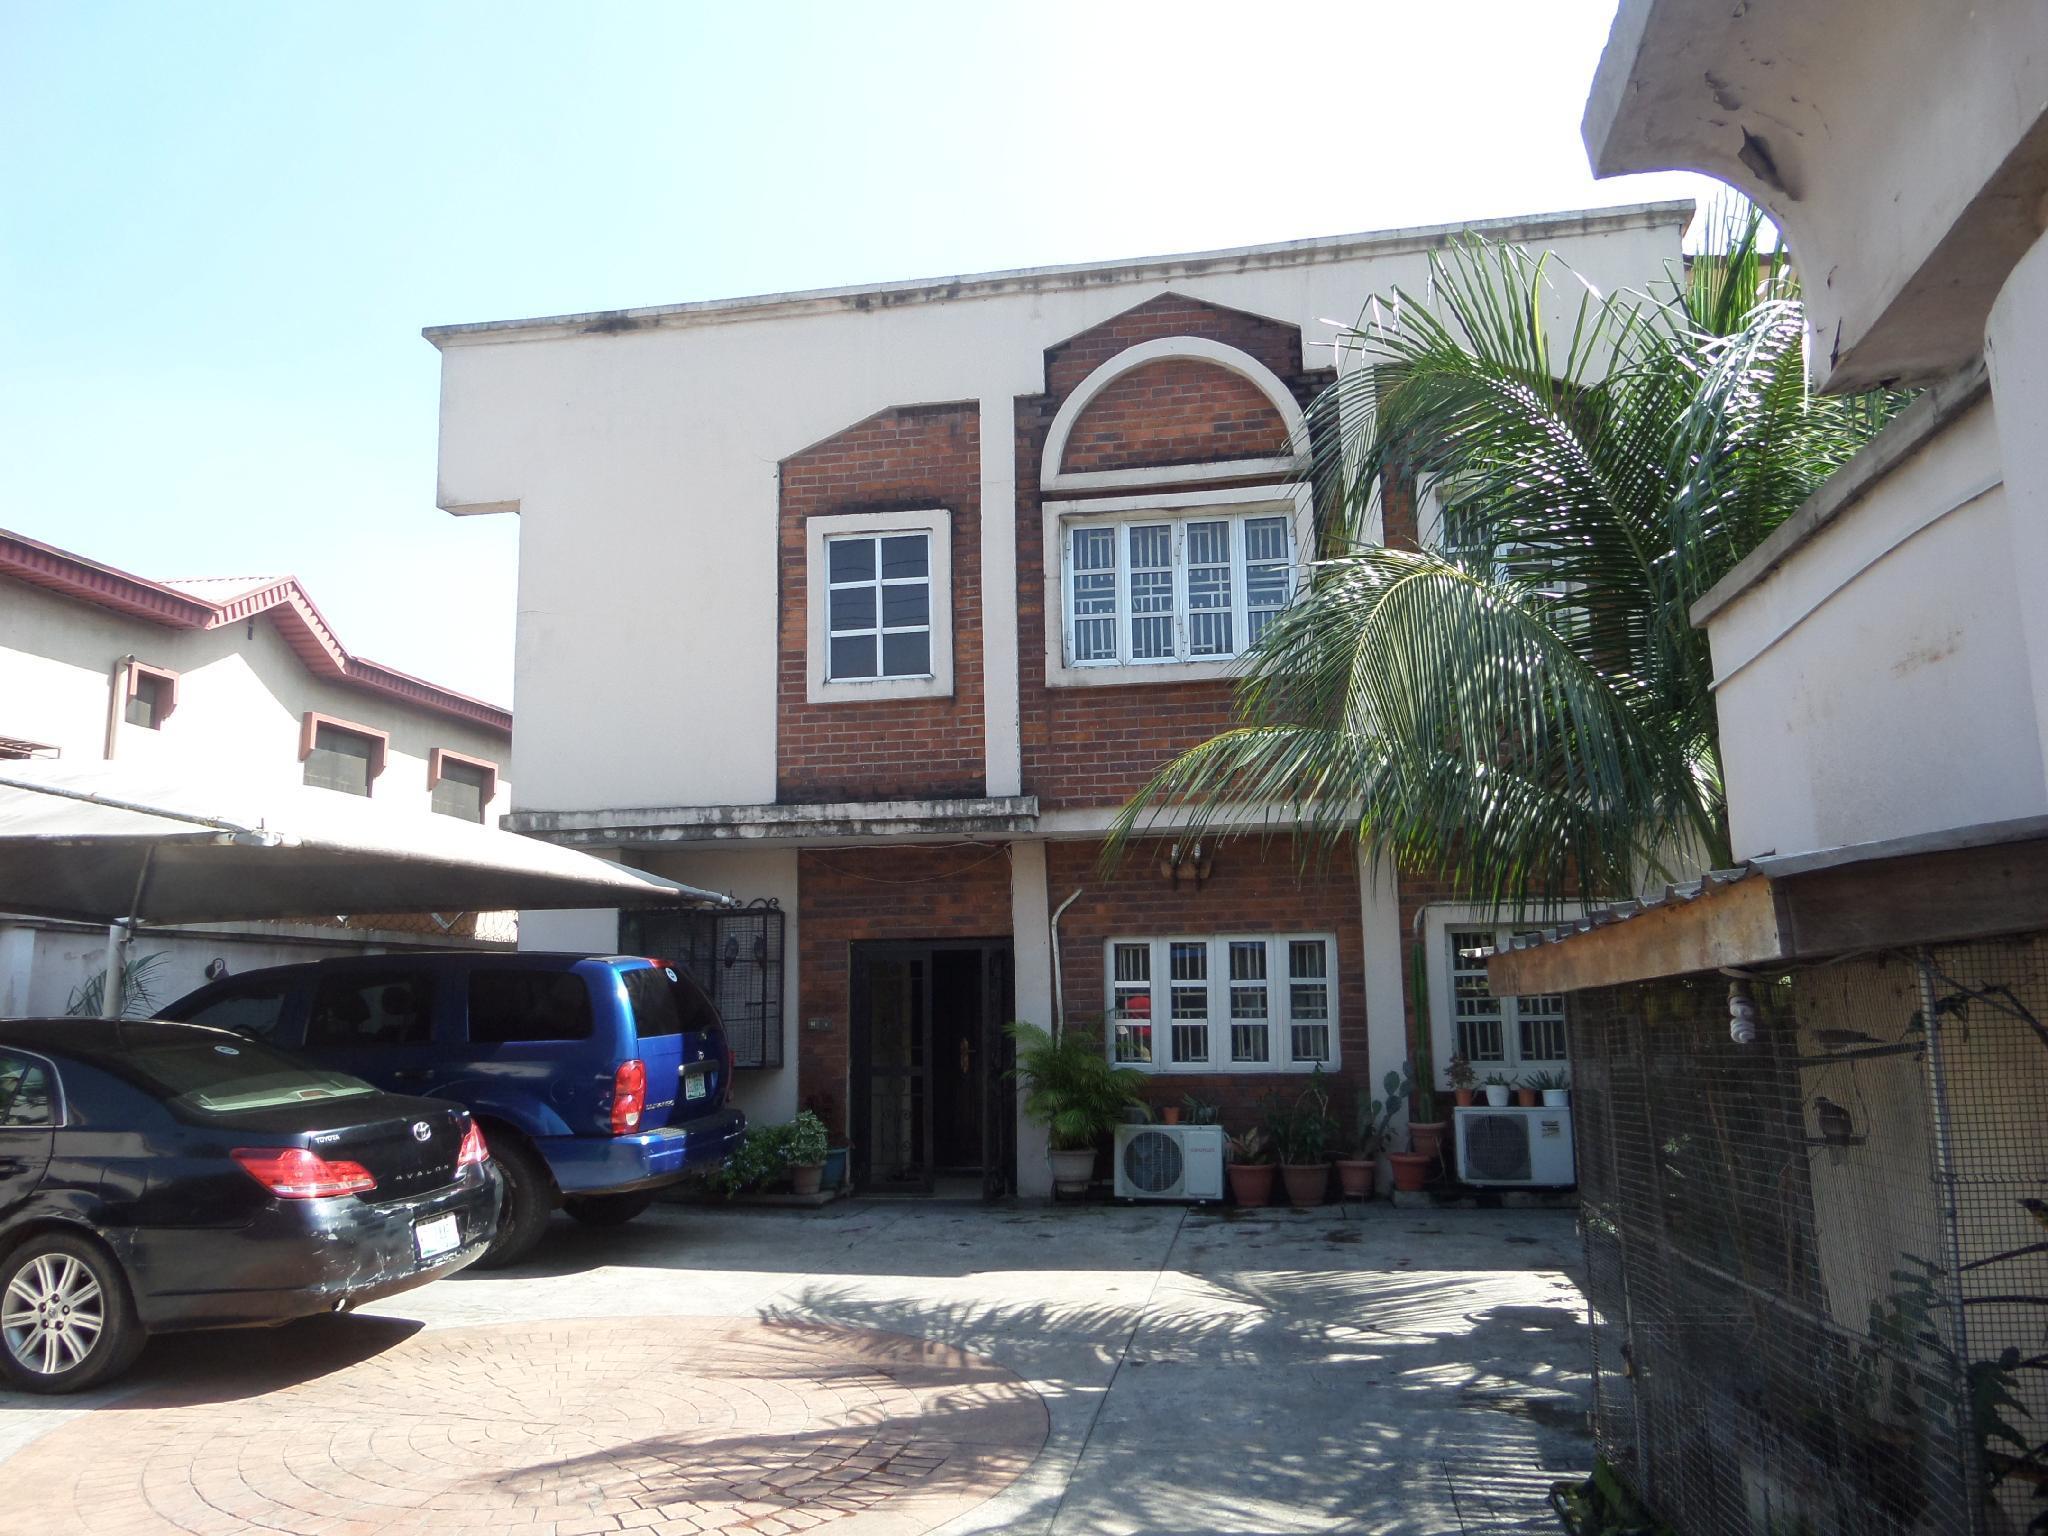 House No 12B  Serviced Apartment